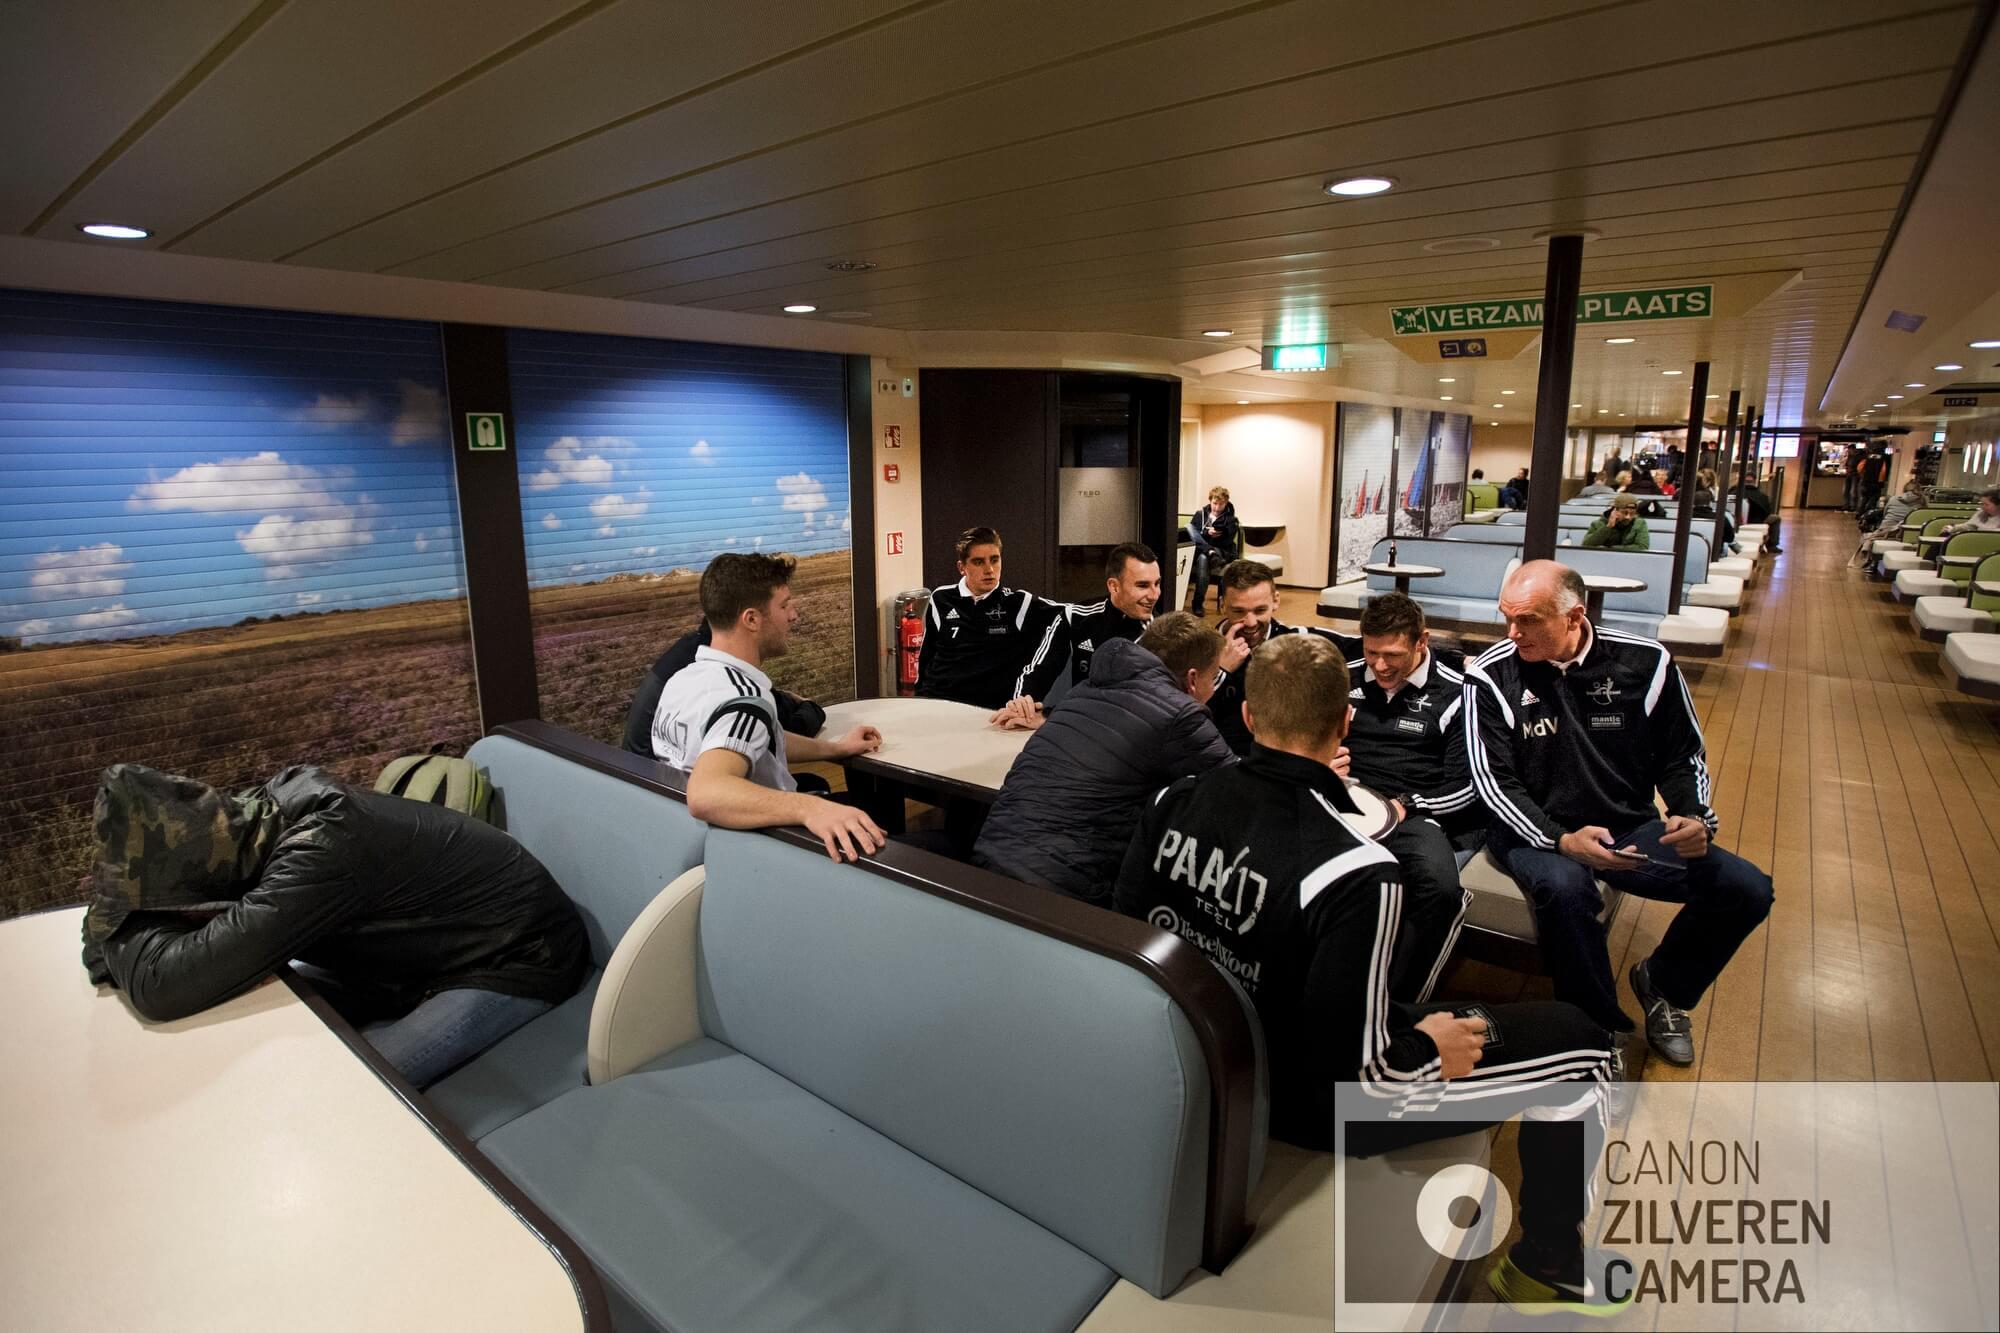 TEXEL/DENHELDER/HOORN. Reportage van zaalvoetbalteam Texel' 94 hoe omslachtig het is om op het vaste land te voetballen. Ze gaan met de TESO boot naar Den Helder. Dan verder met busje naar de wedstrijd. Om midden in de nacht terug naar Texel te komen wordt er een zgn watertaxi gehuurd die het team vanuit Den helder terug naar Texel brengt. De wedstrijd tegen vv Hovocubo werd met 11-5 gewonnen.